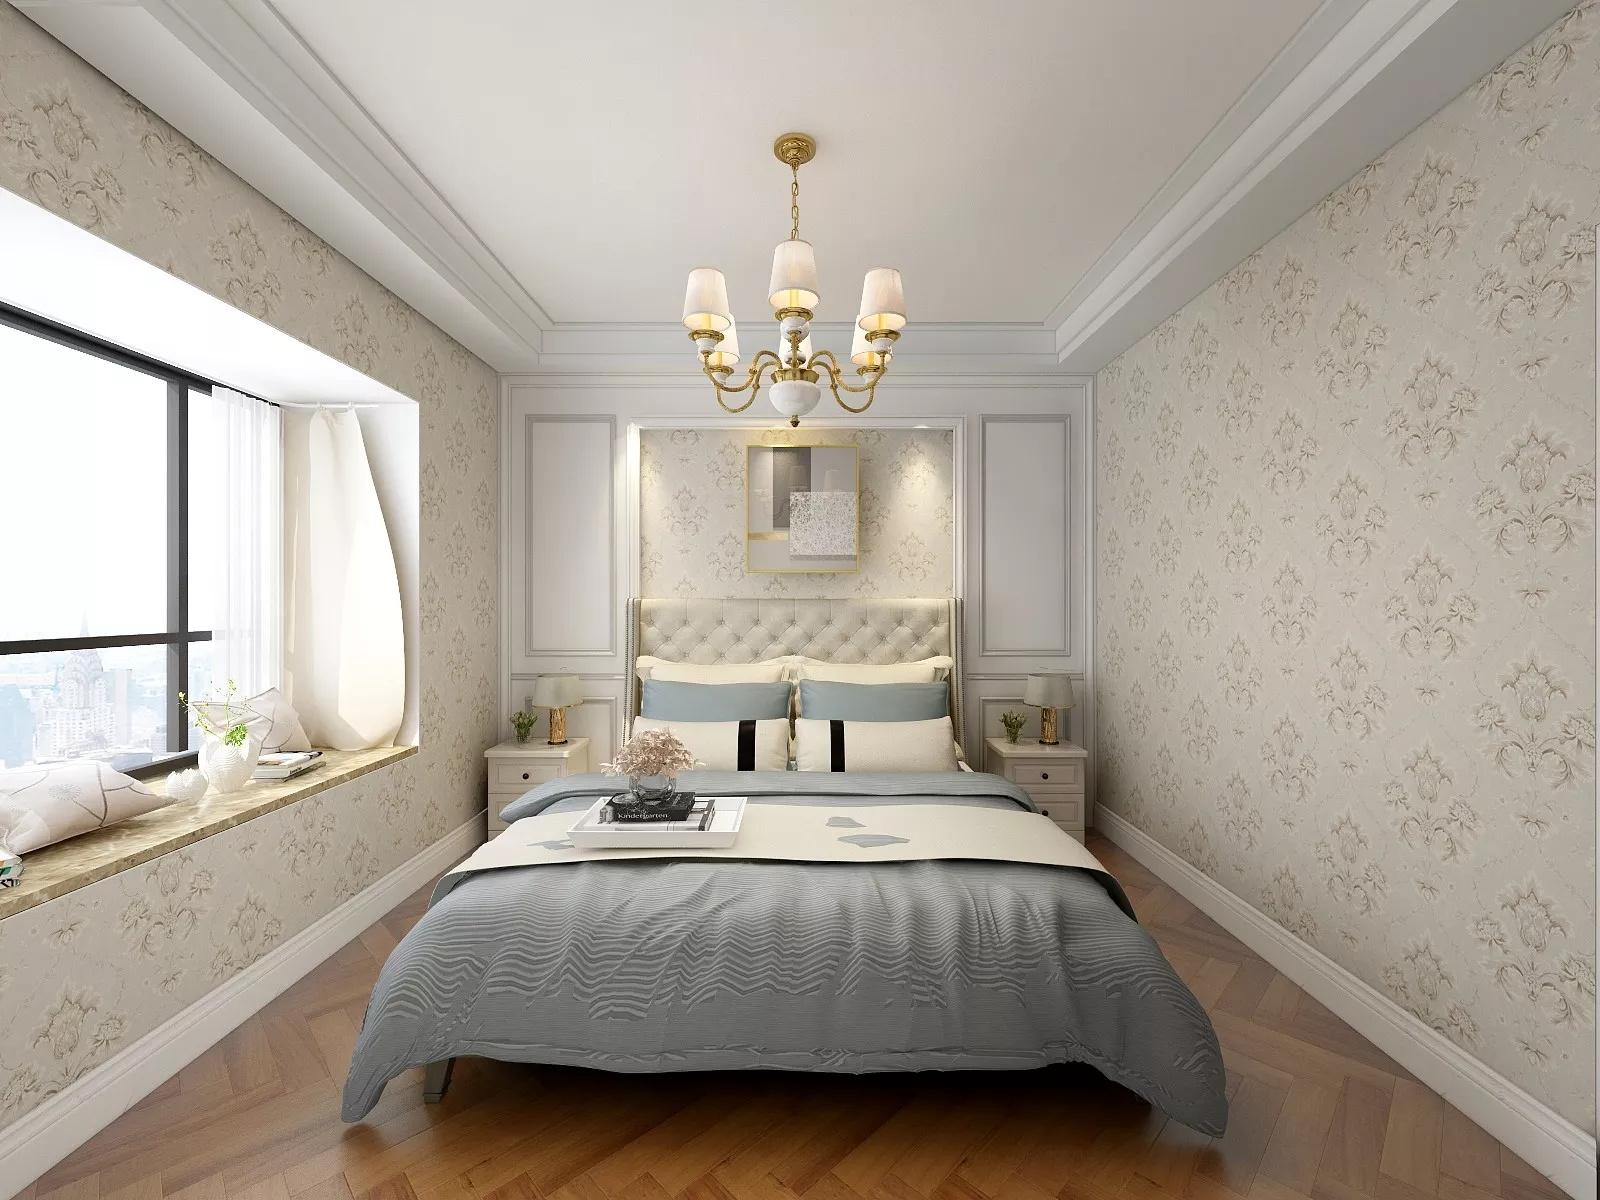 客厅,电视背景墙,现代简约风格,沙发,简洁